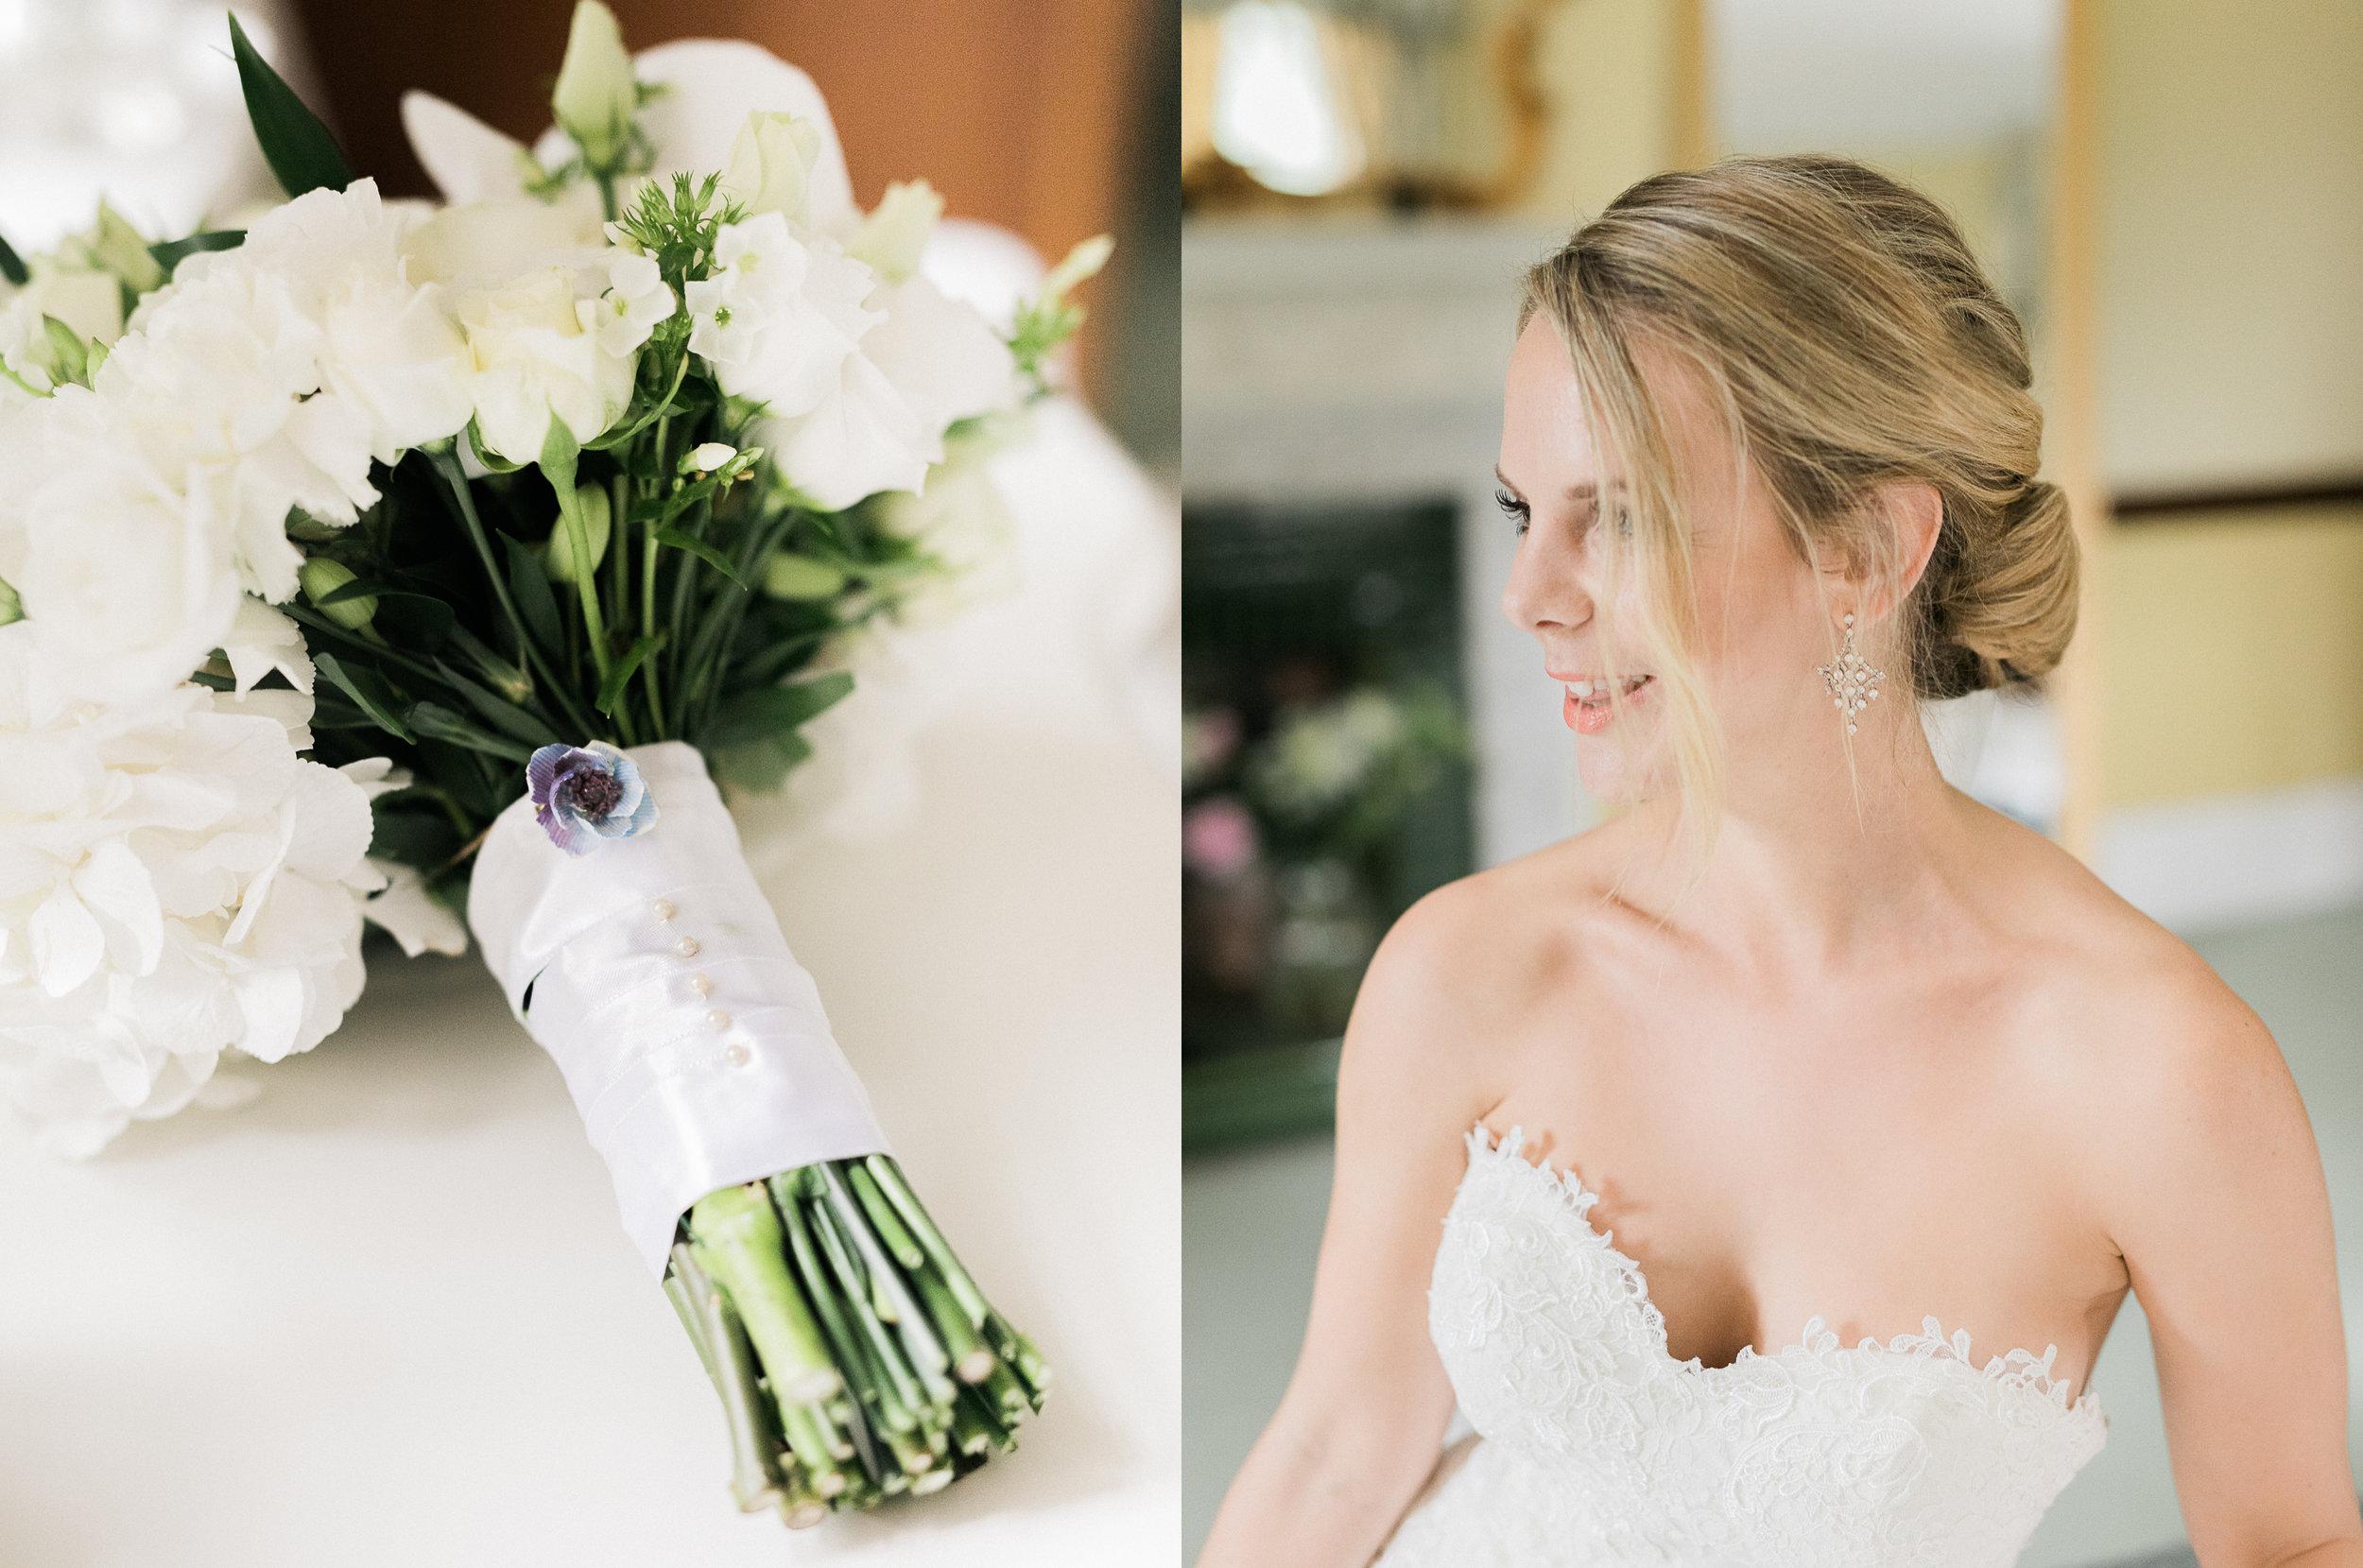 Chen Sands Photo Kent Wedding Photographer Sprivers Mansion 4.jpg